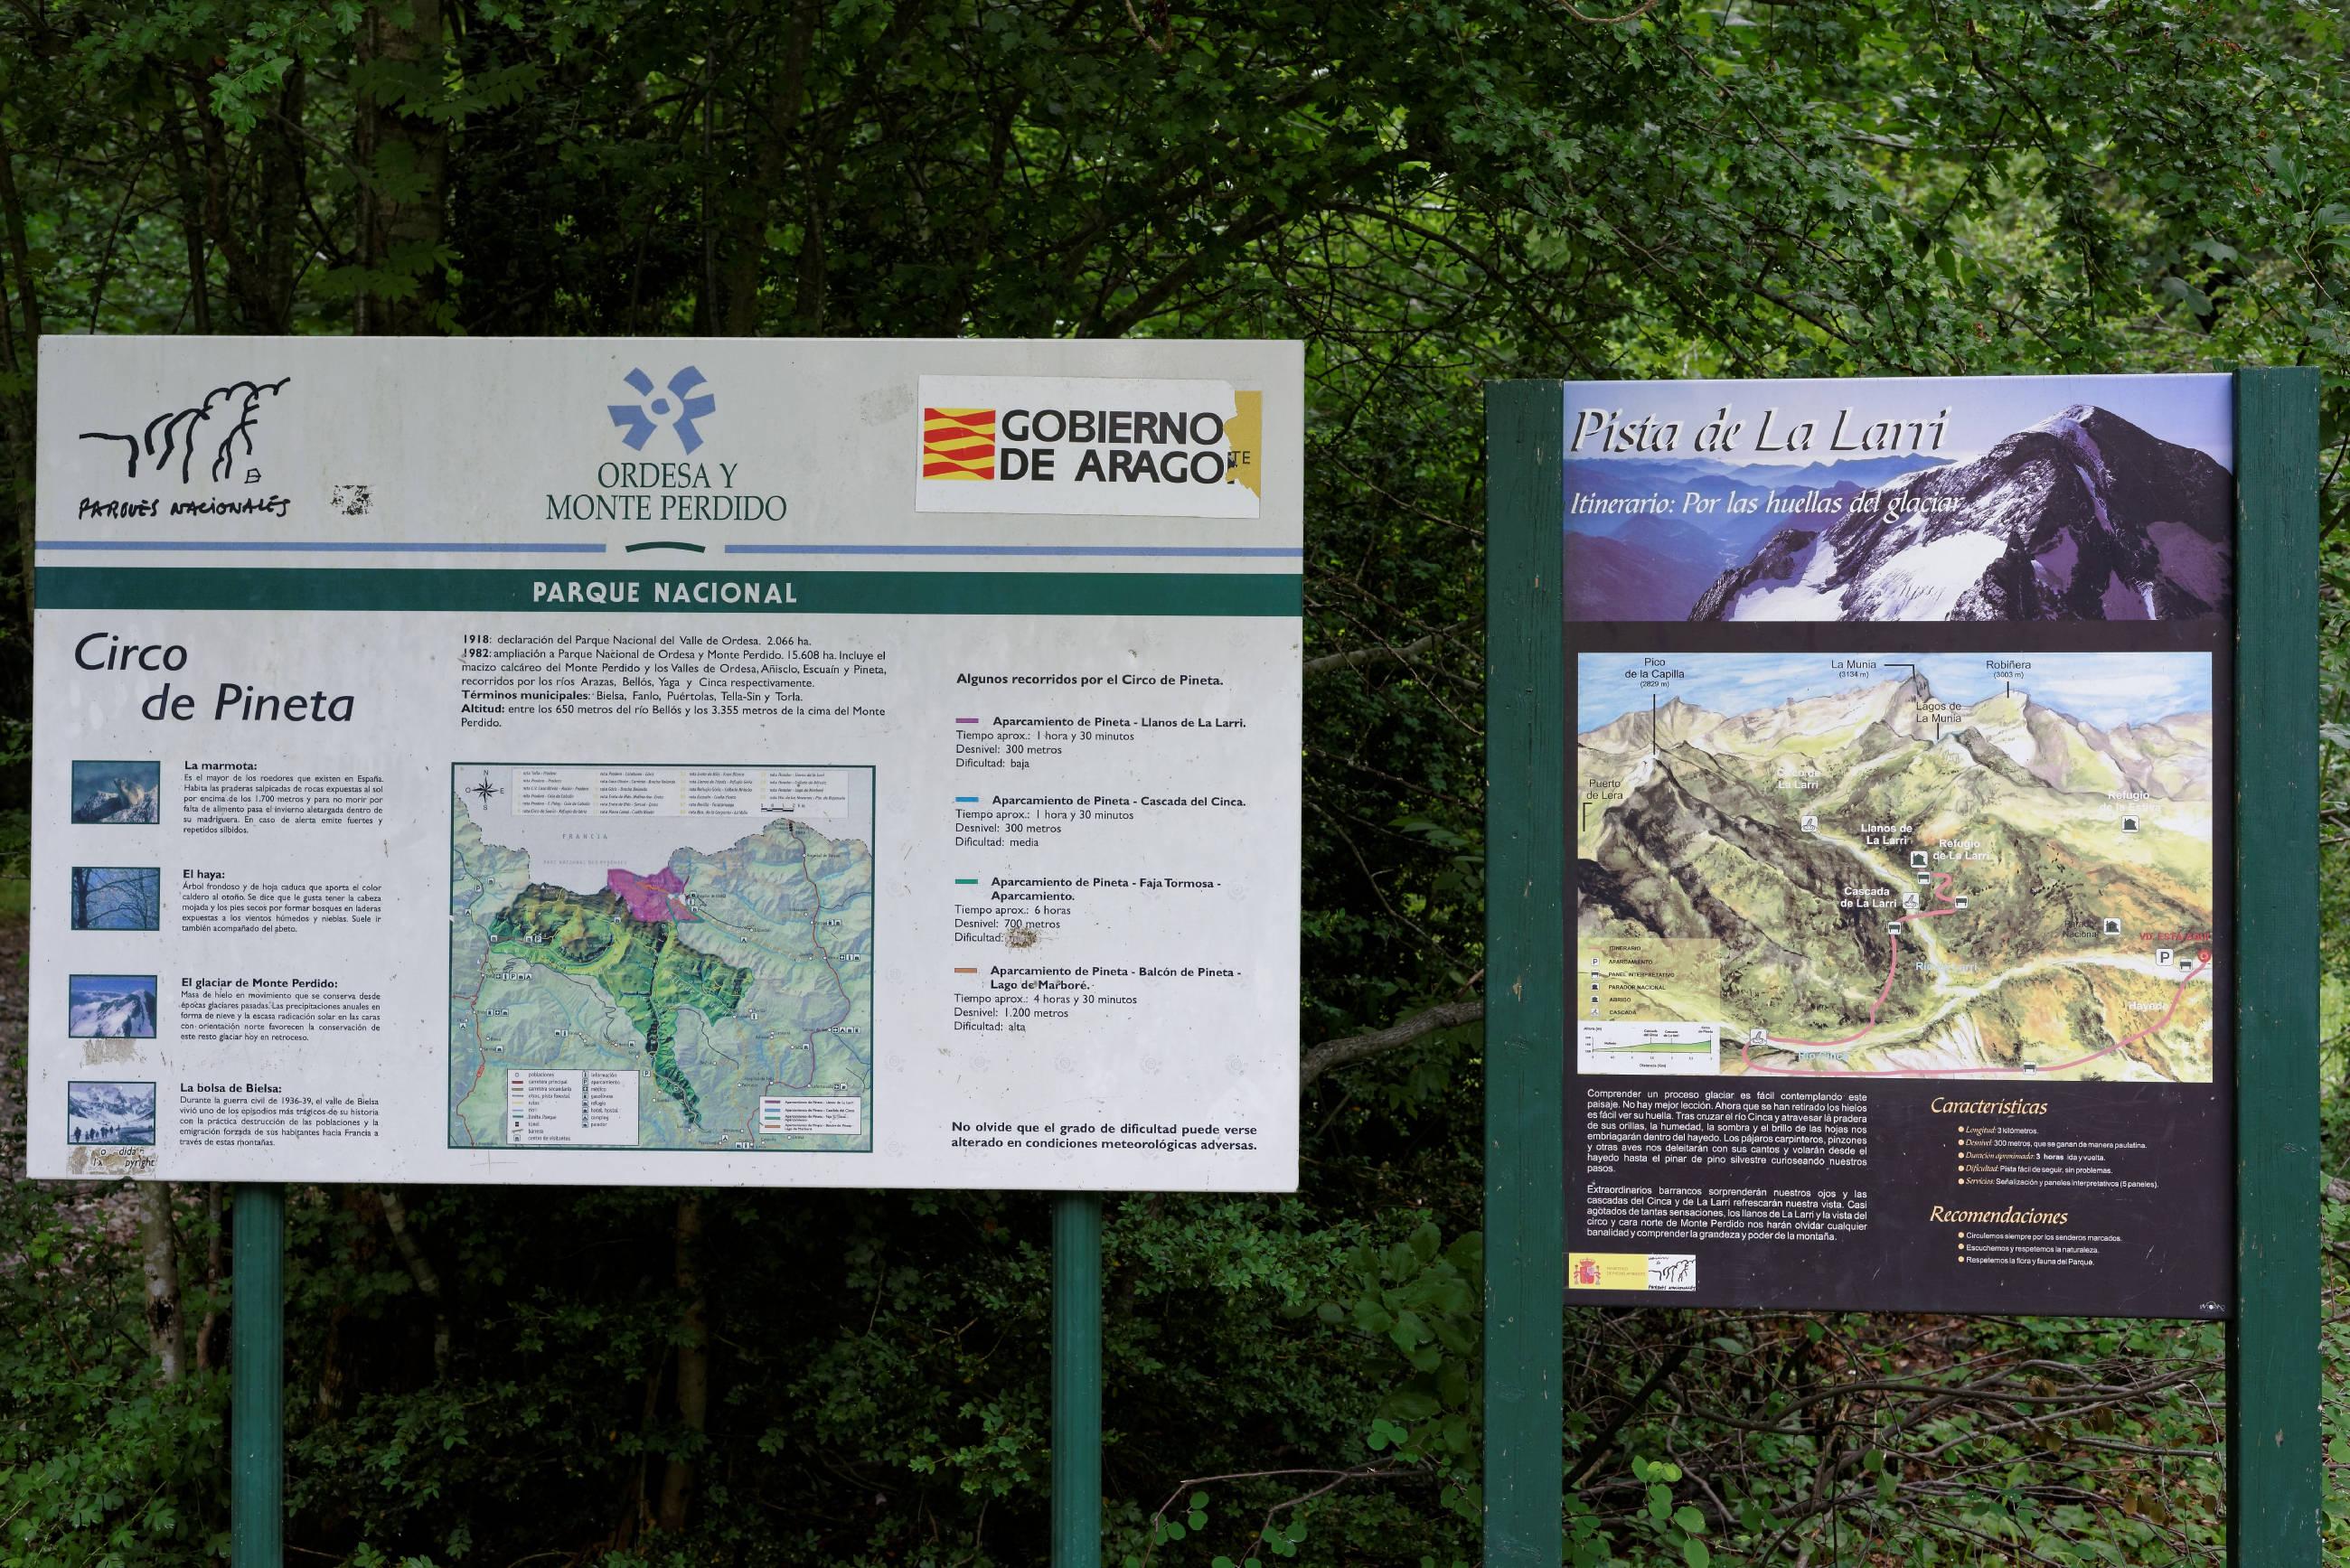 160701-Cascades de La Larri (Sobrarbe-Aragon) (218)